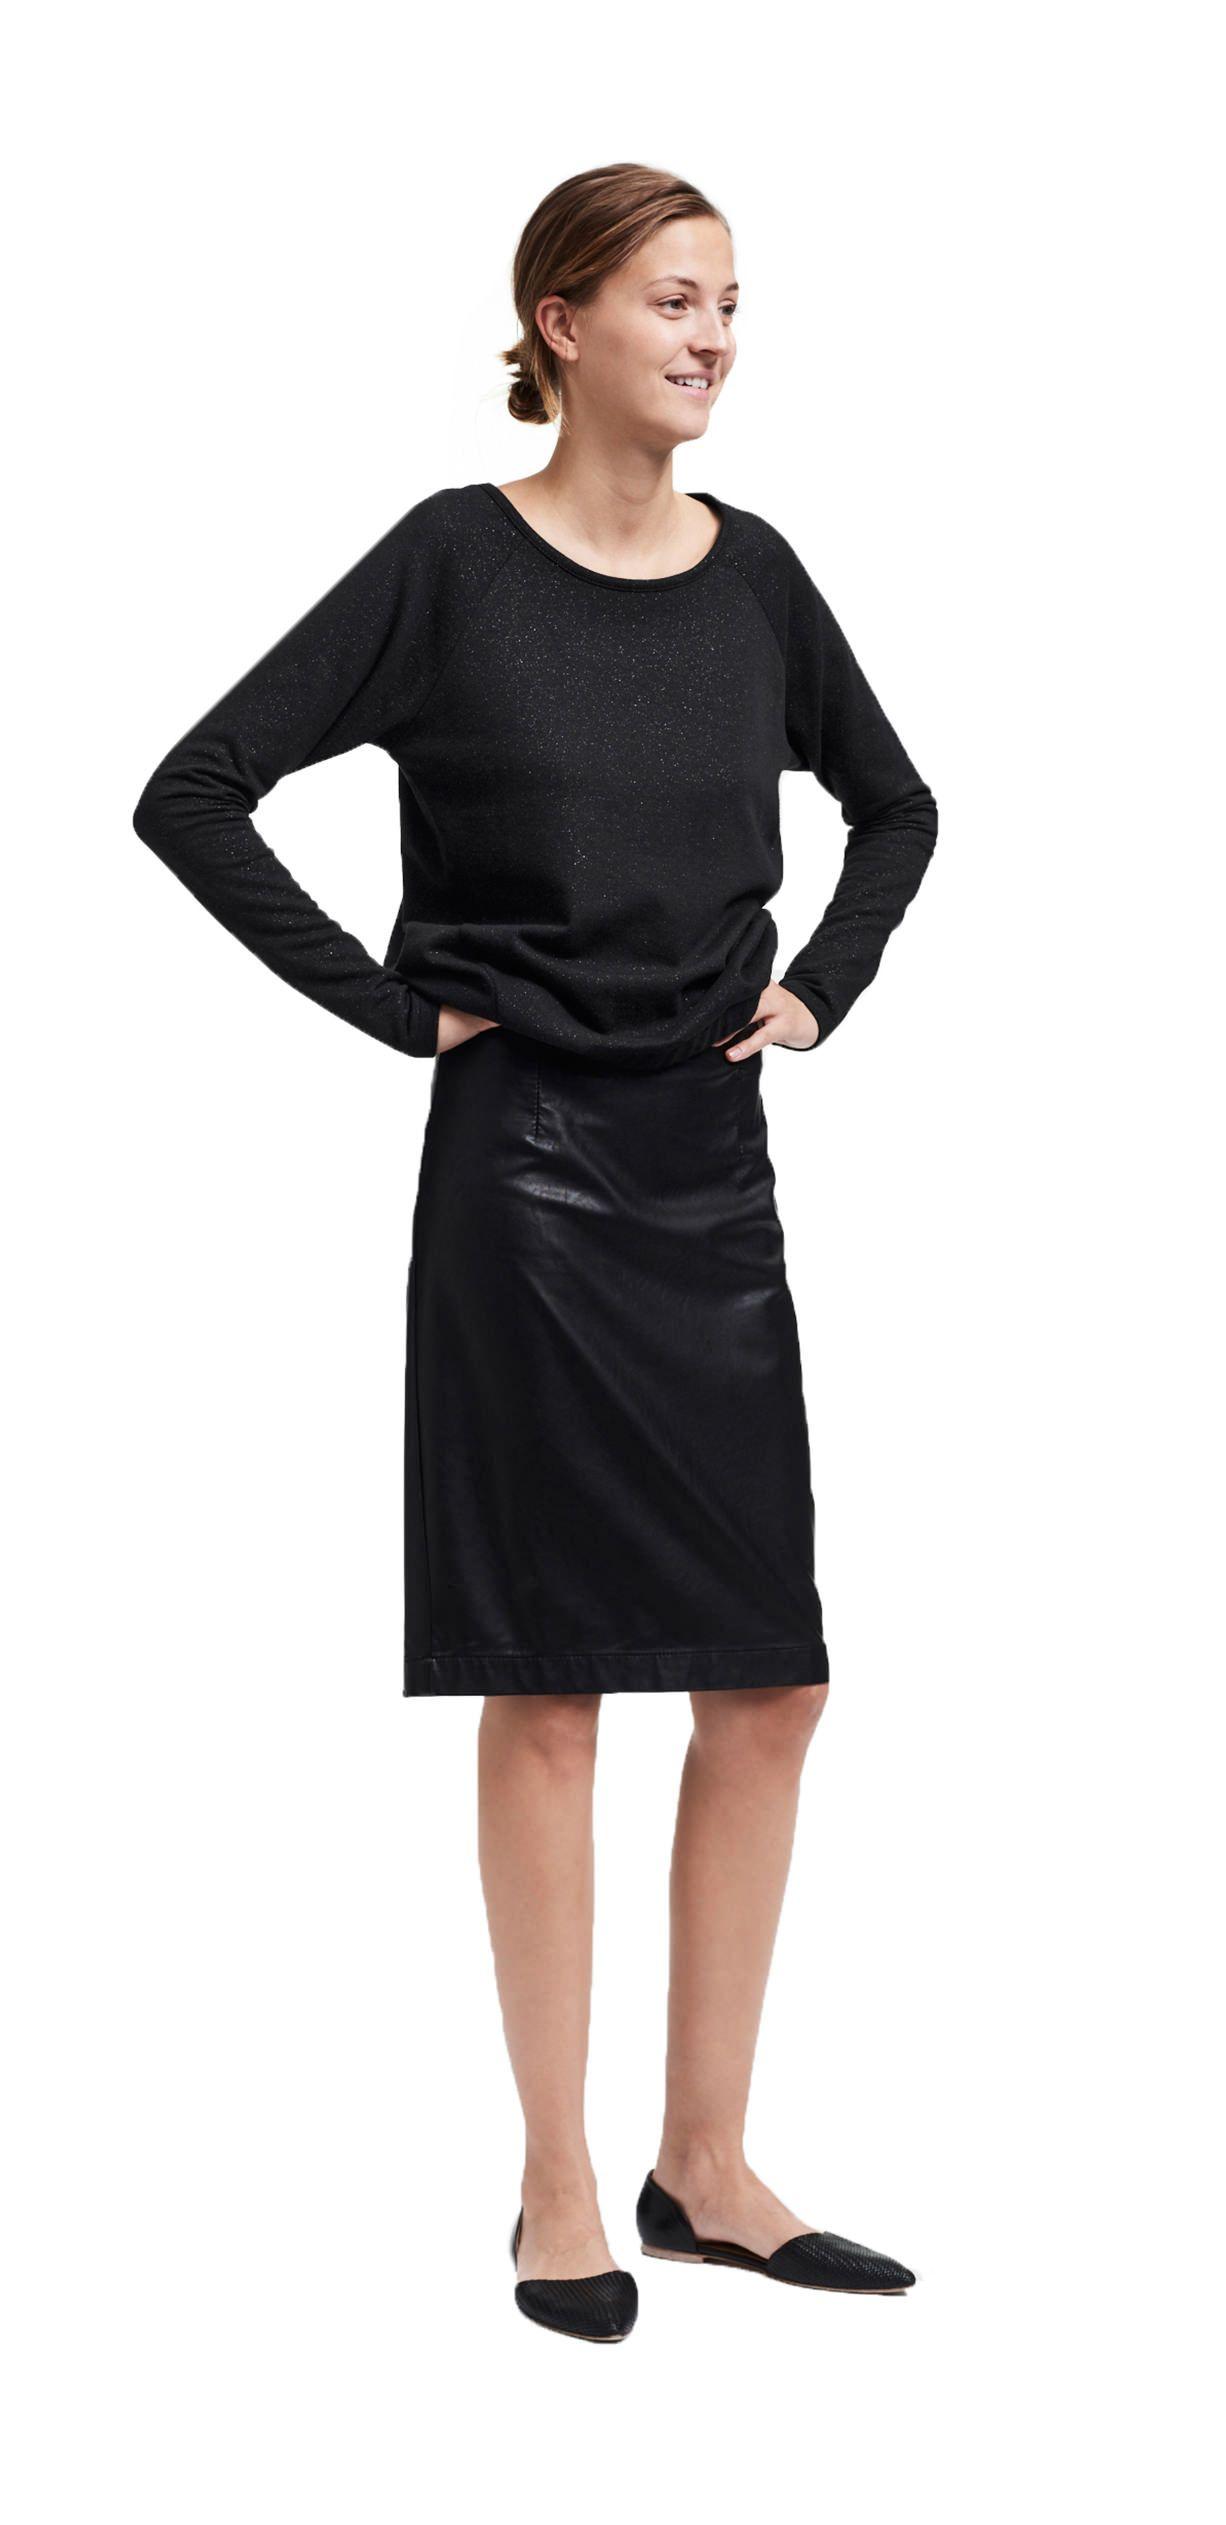 Damen Outfit Monochrome Oberflächen von OPUS Fashion ...